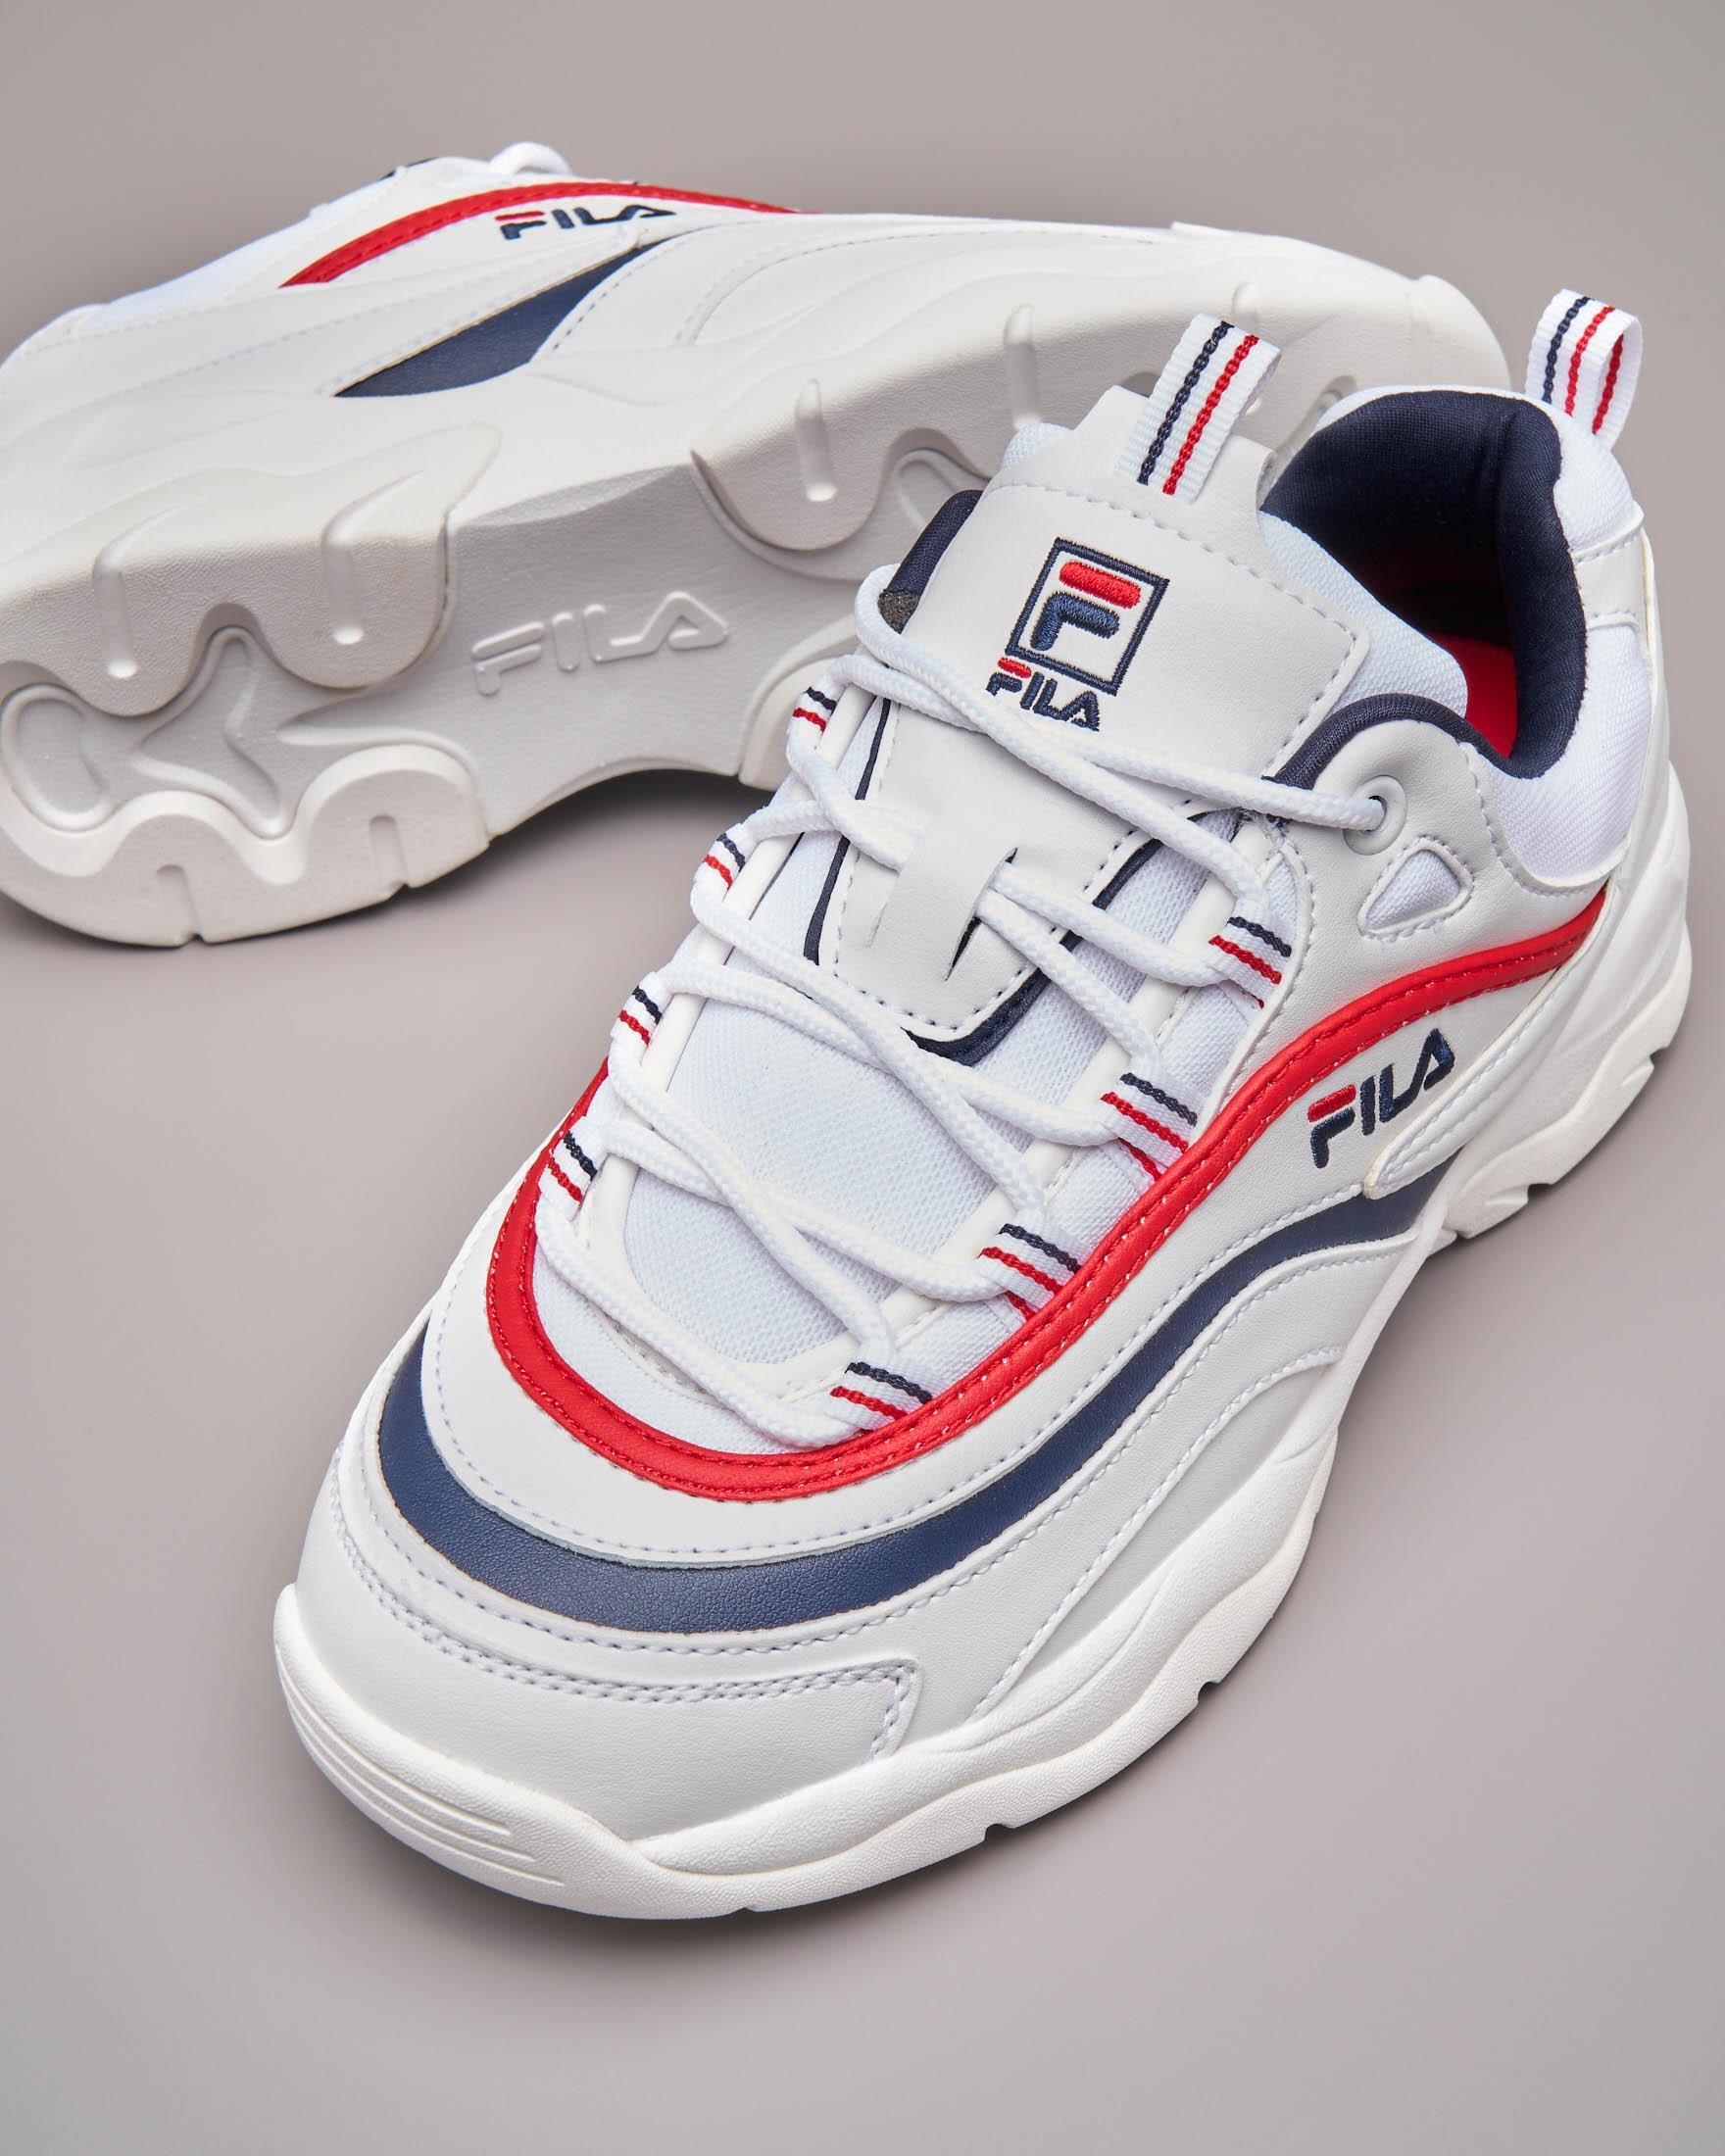 Sneaker Fila Ray low bianche con rifiniture rosse e blu | Pellizzari E commerce